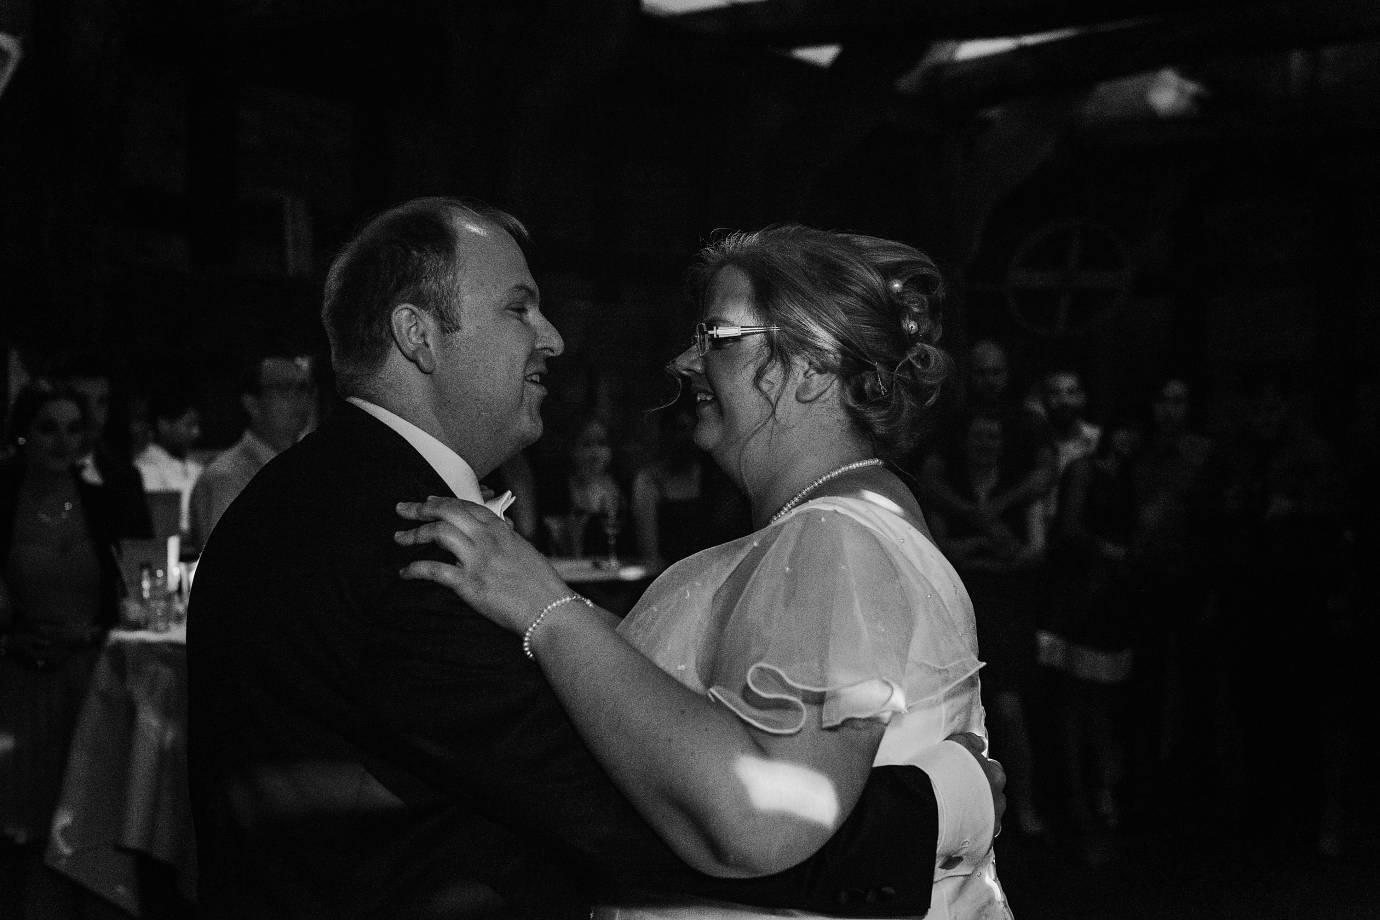 hochzeitsfotograf hannover 194 - Jutta+Patrick